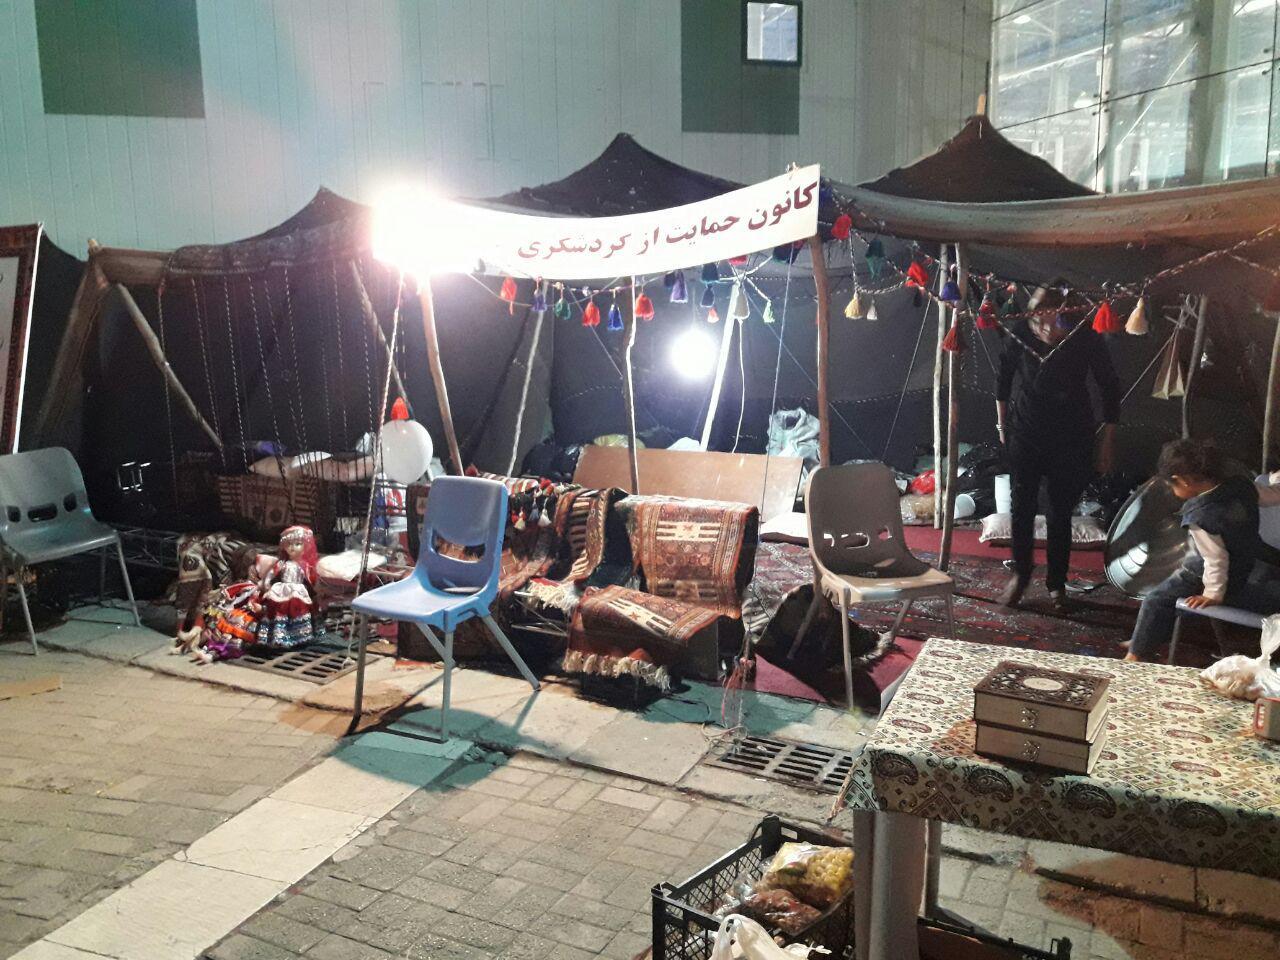 نمایشگاه نوروزگاه ایران کل یونی از فرهنگ کهن و آداب و رسوم ایرانیان است